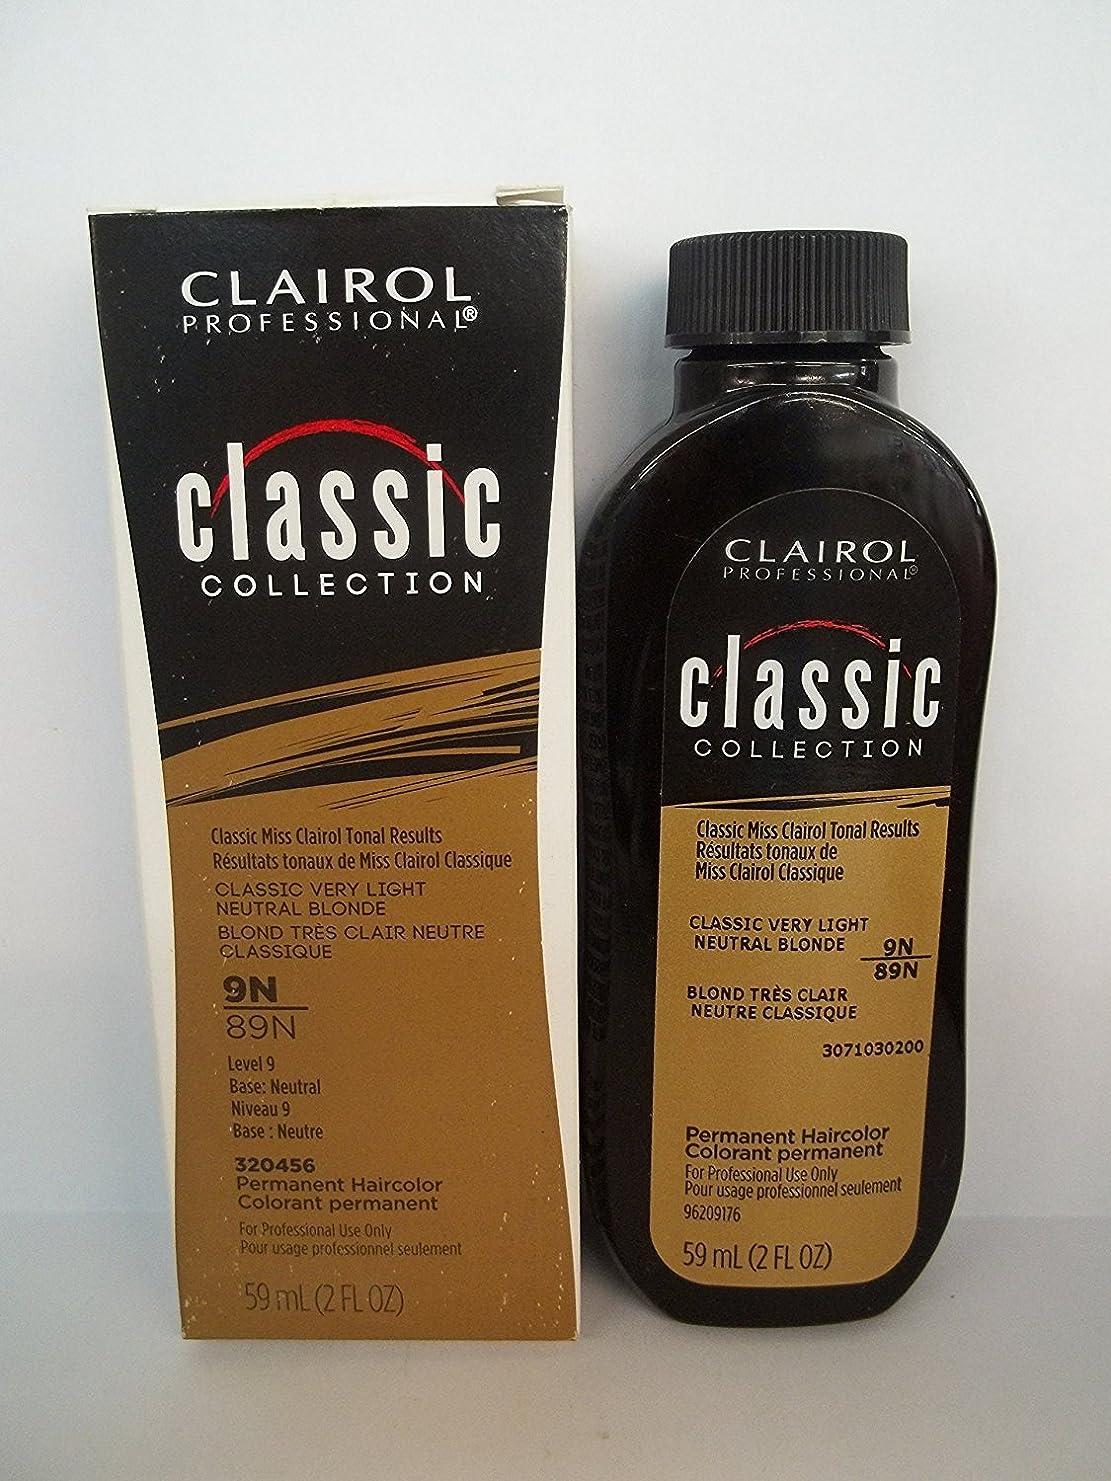 適切に消費者あなたはClairol プロクラシックコレクション9N / 89N非常LtのNTRLブロンド2オンス(59ミリリットル) 2フロリダ。オズ。クレイロールクラシックコレクションのボトル 9n / 89n - very light neutralブロンド